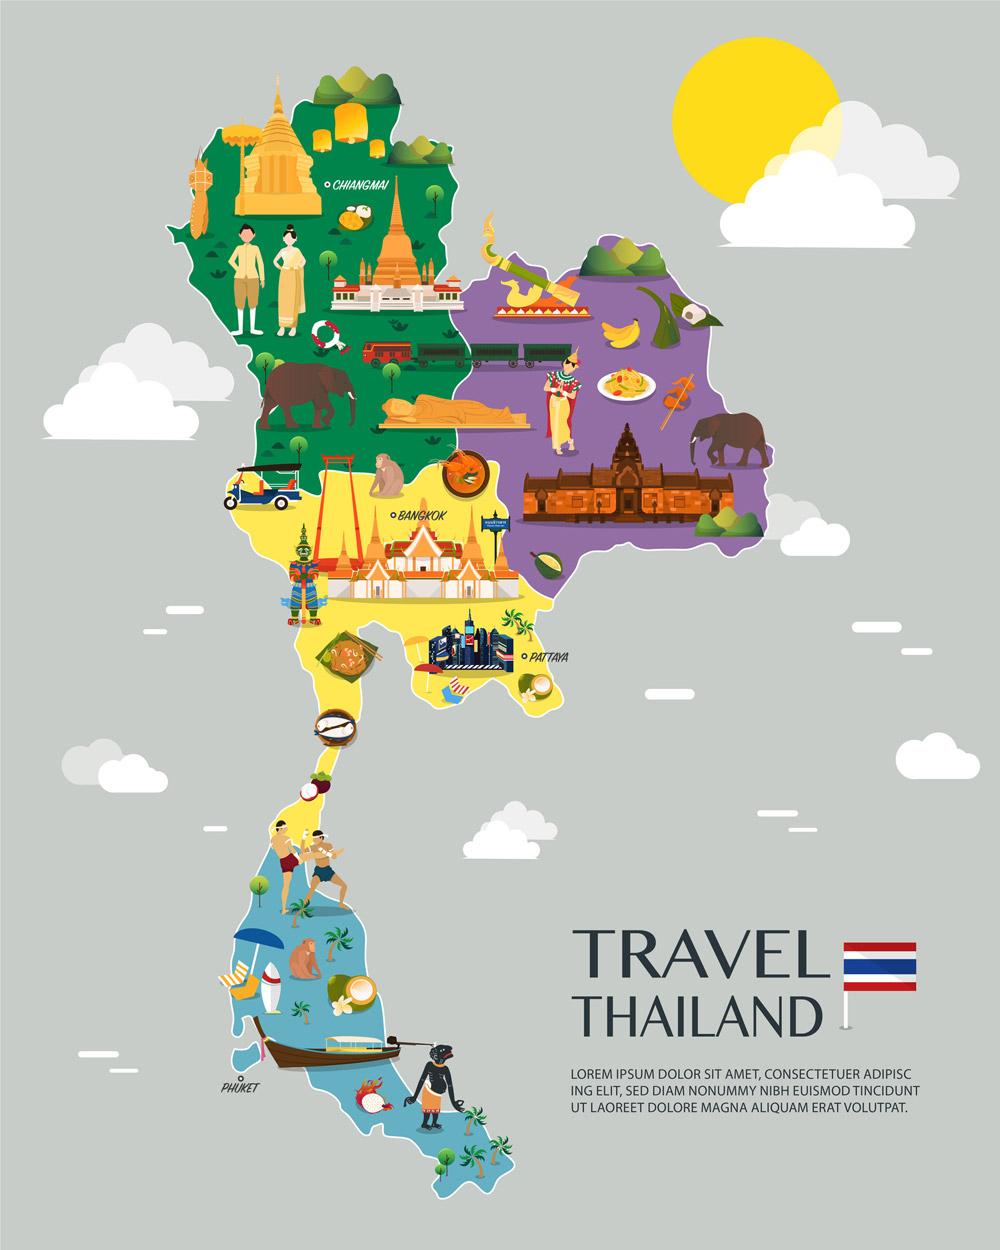 ประเทศไทย แบ่งแบบ 4 ภาคตามการปกครอง